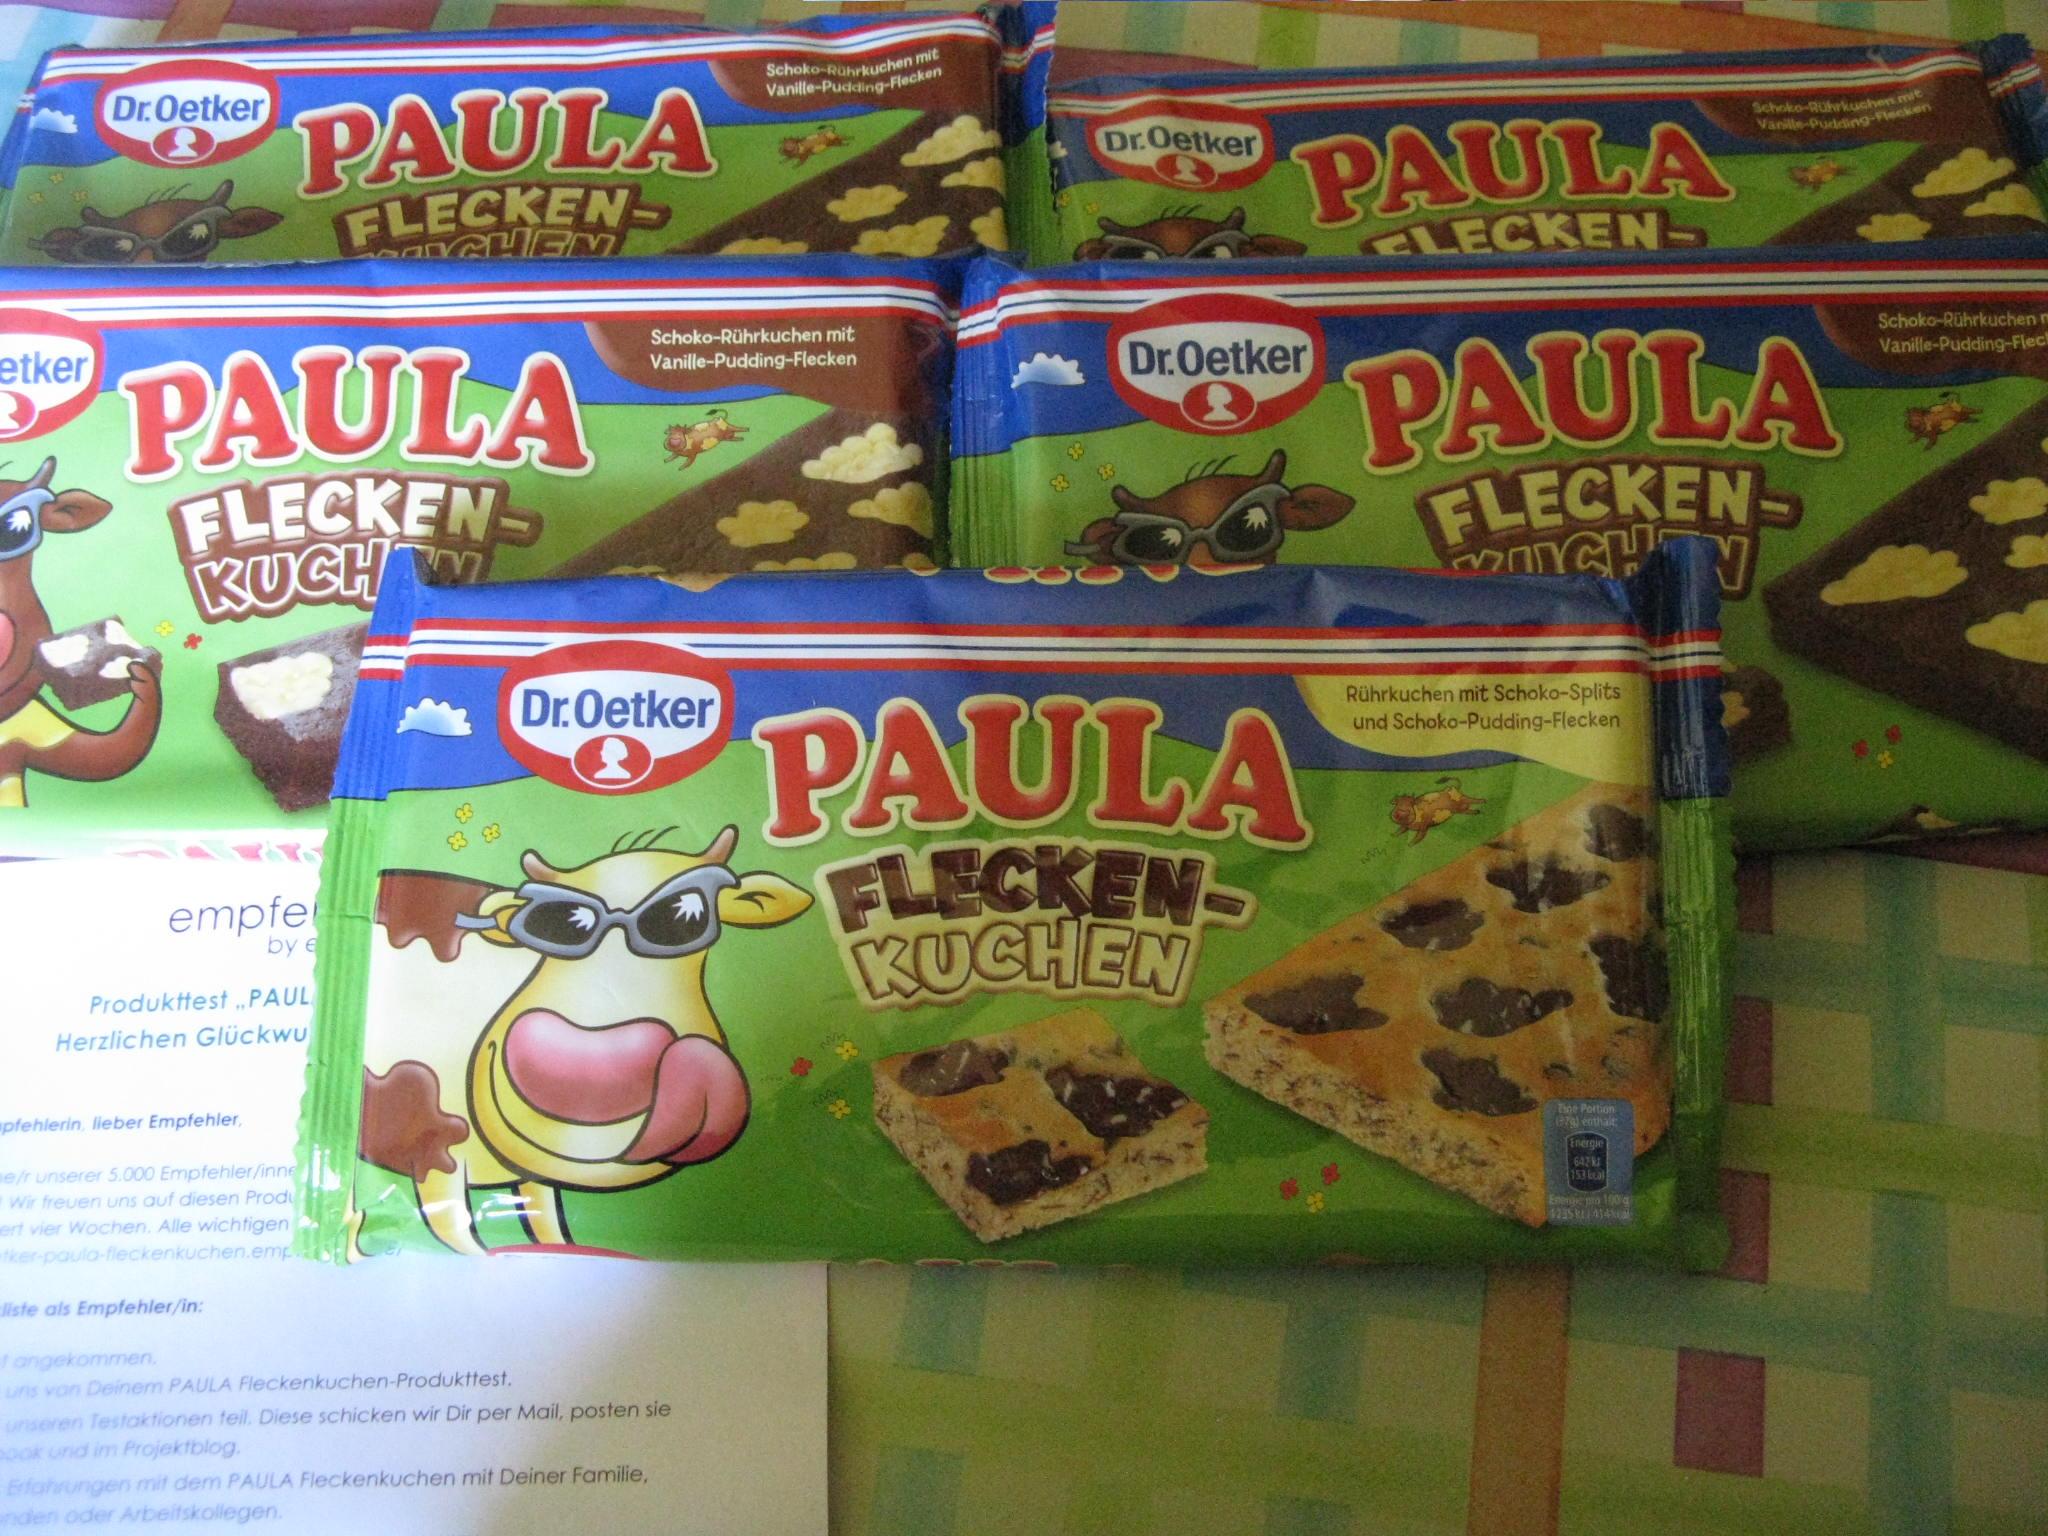 Paula Fleckenkuchen von Dr.Oetker